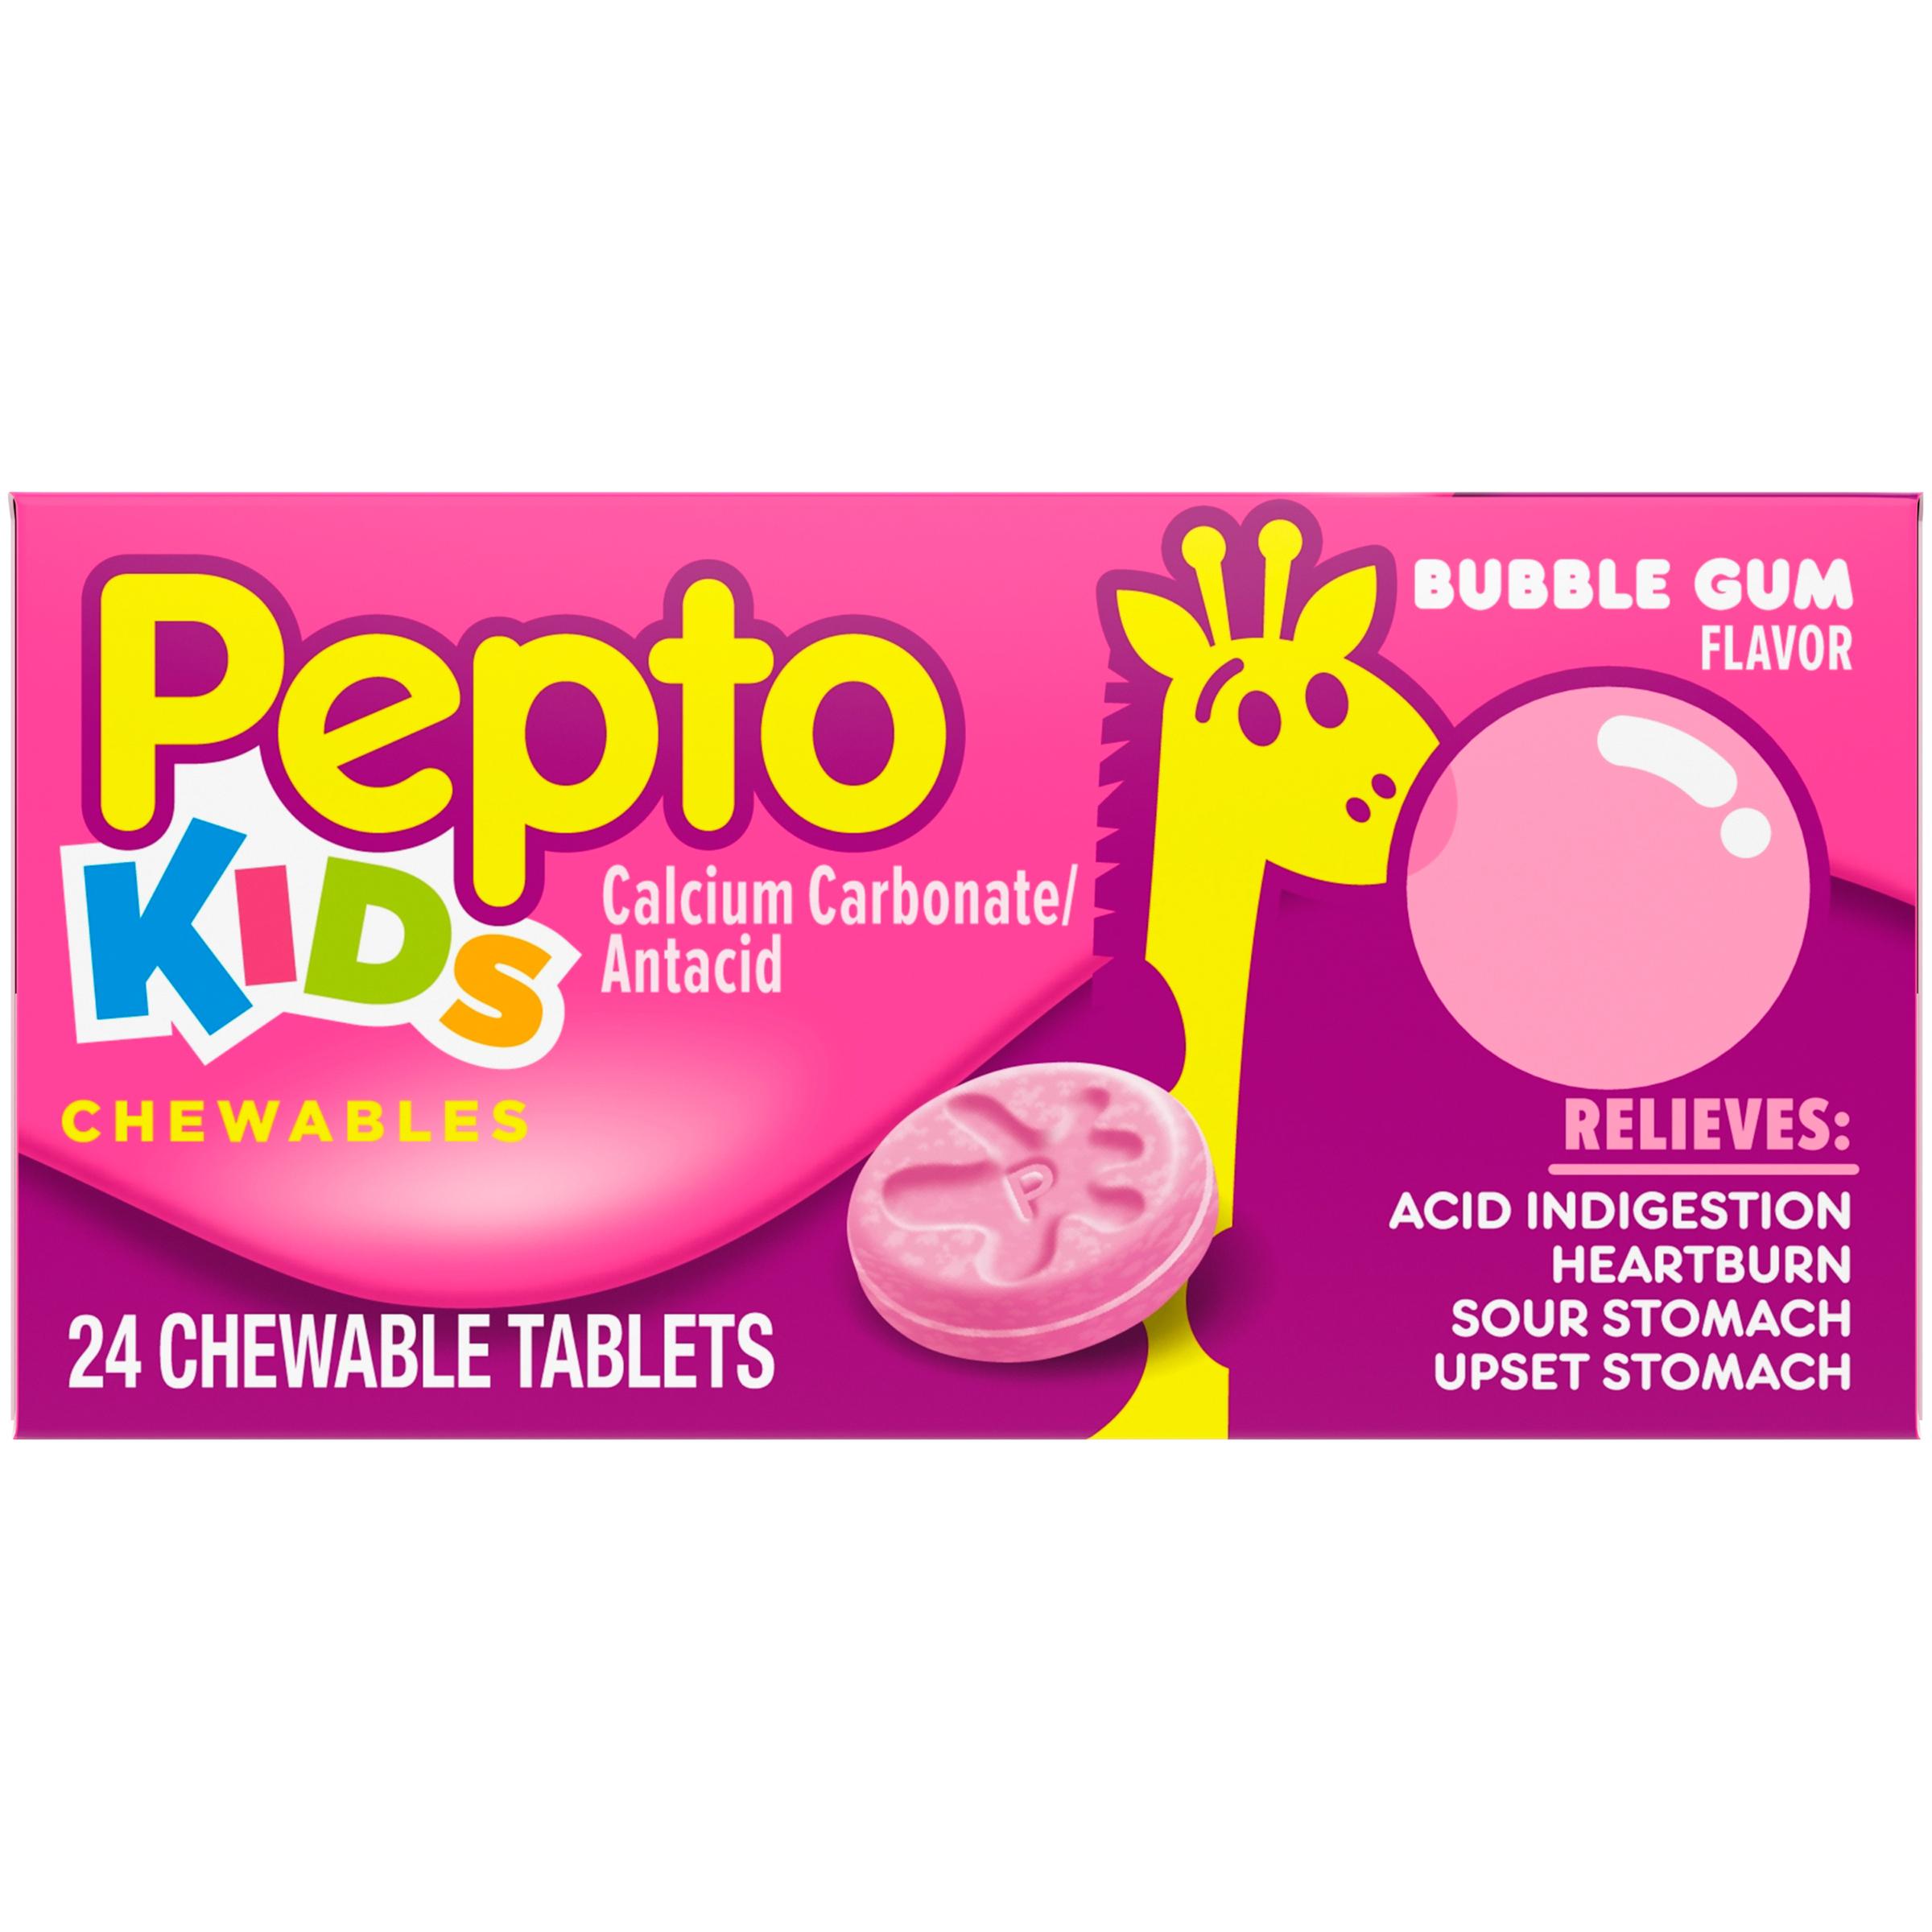 Pepto Bismol Childrens Pepto Calcium Carbonateantacid Bubble Gum